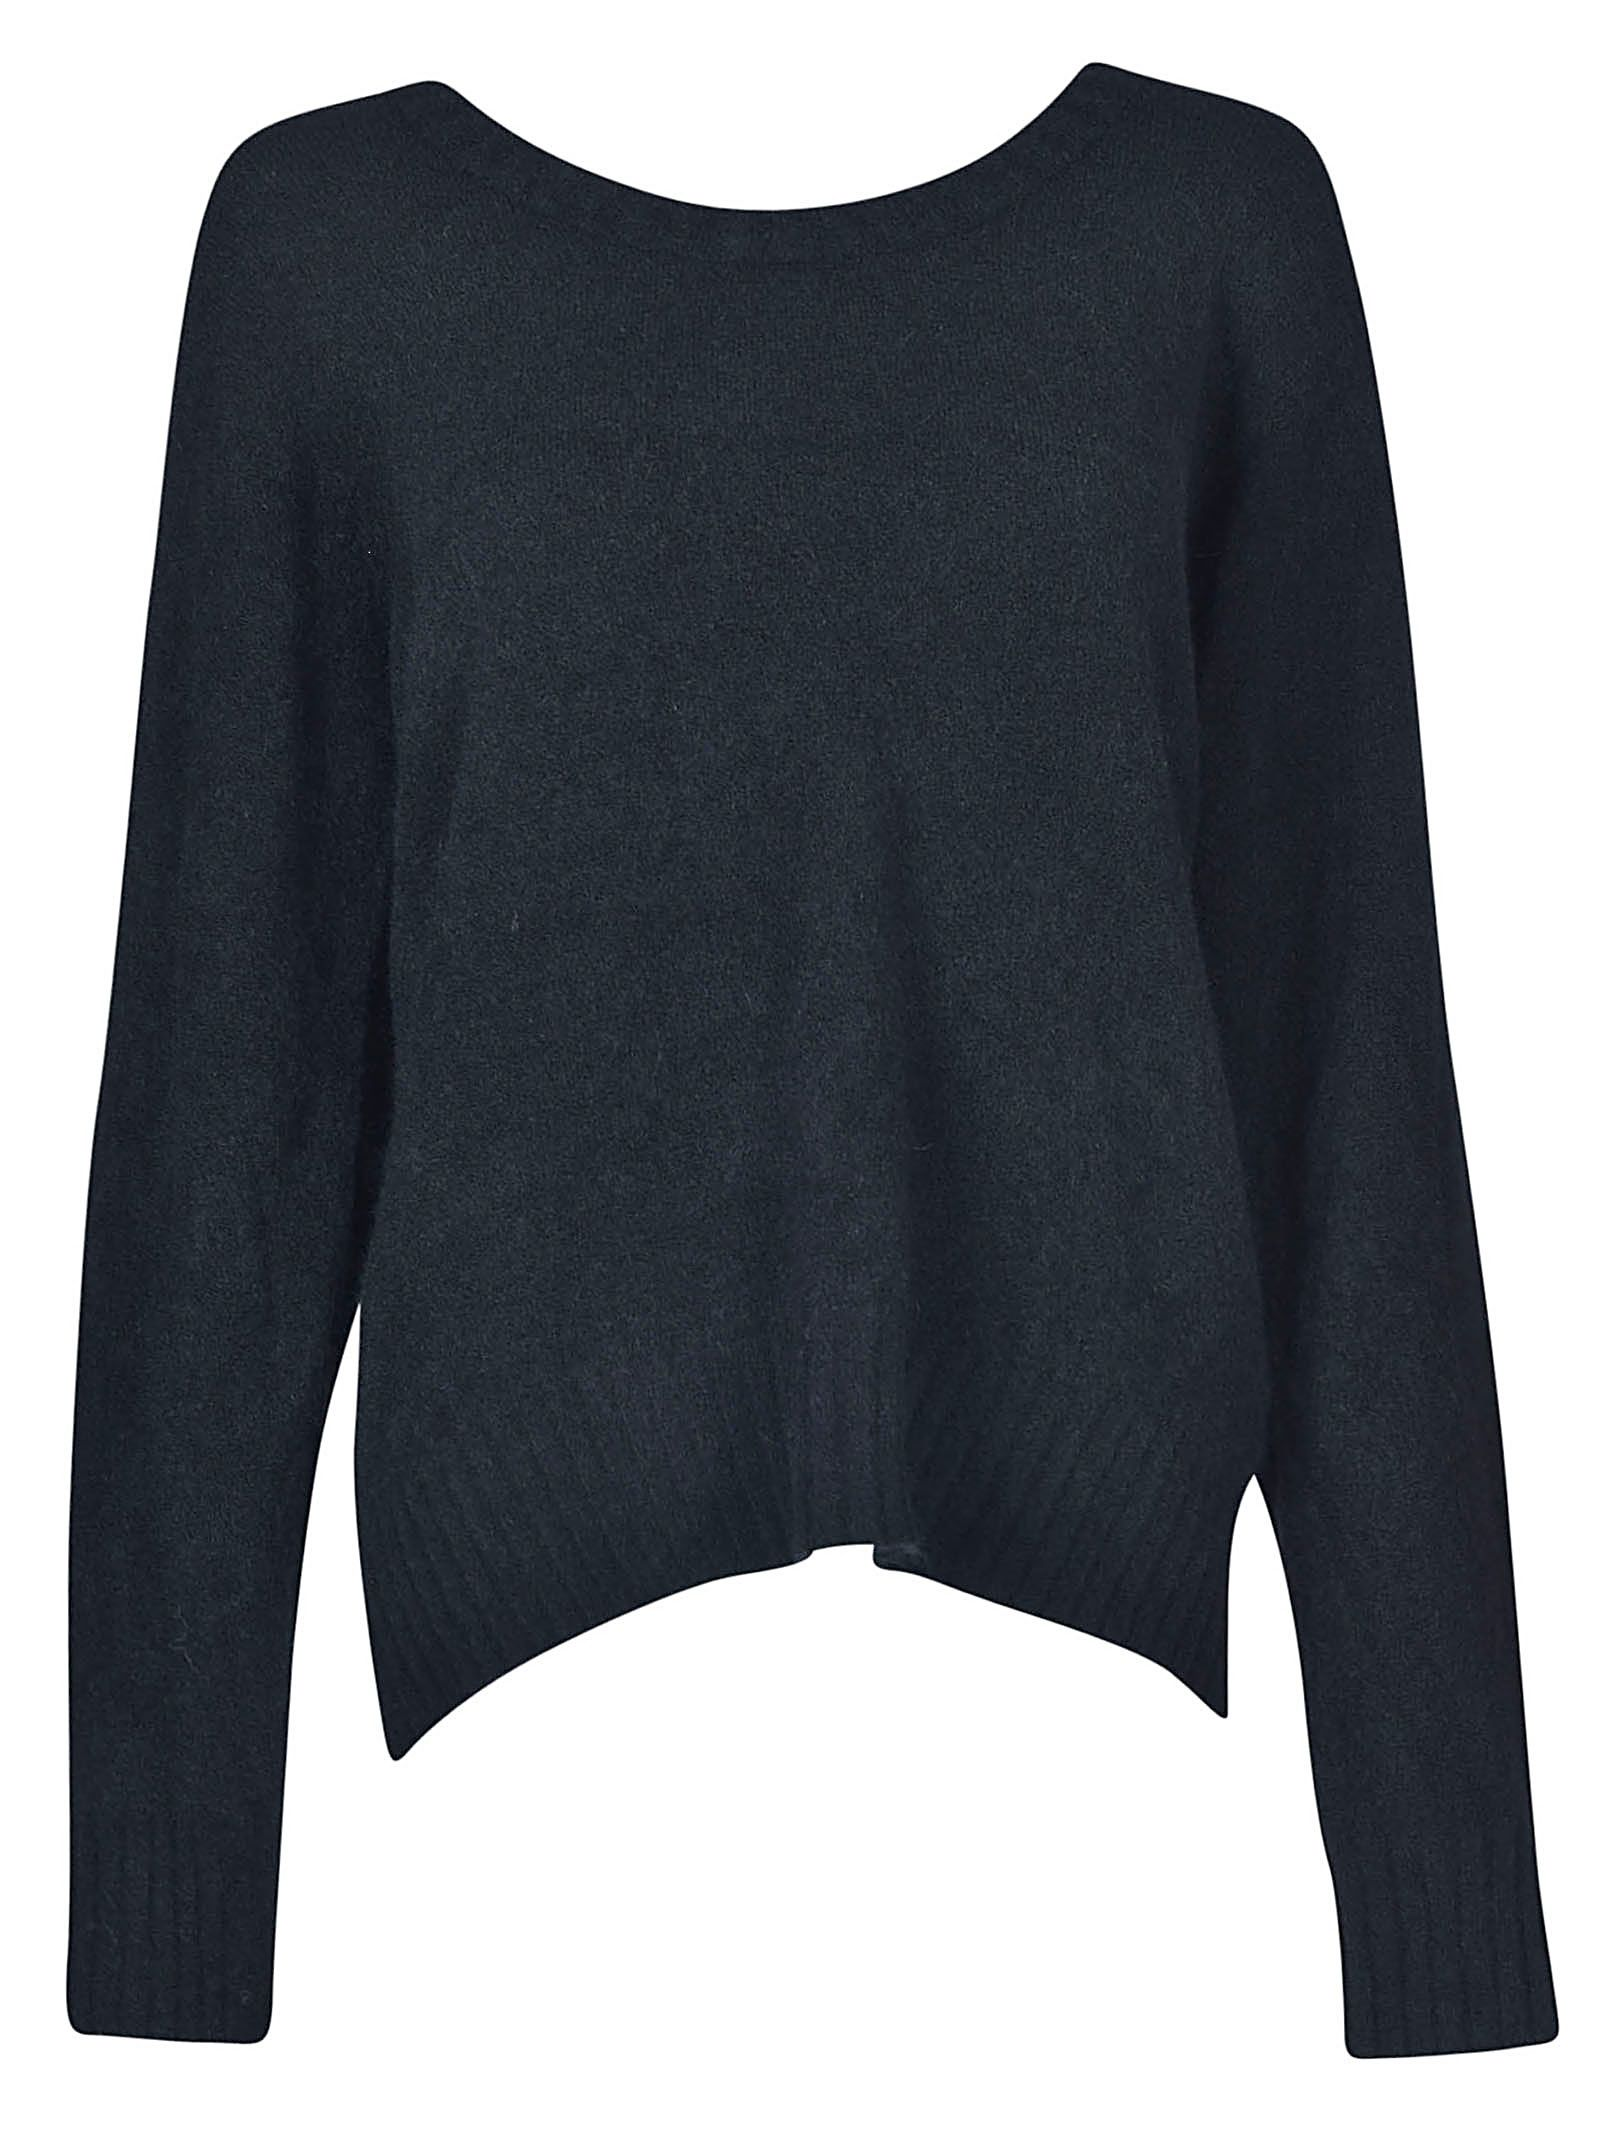 3.1 Phillip Lim Scooped Neck Sweater